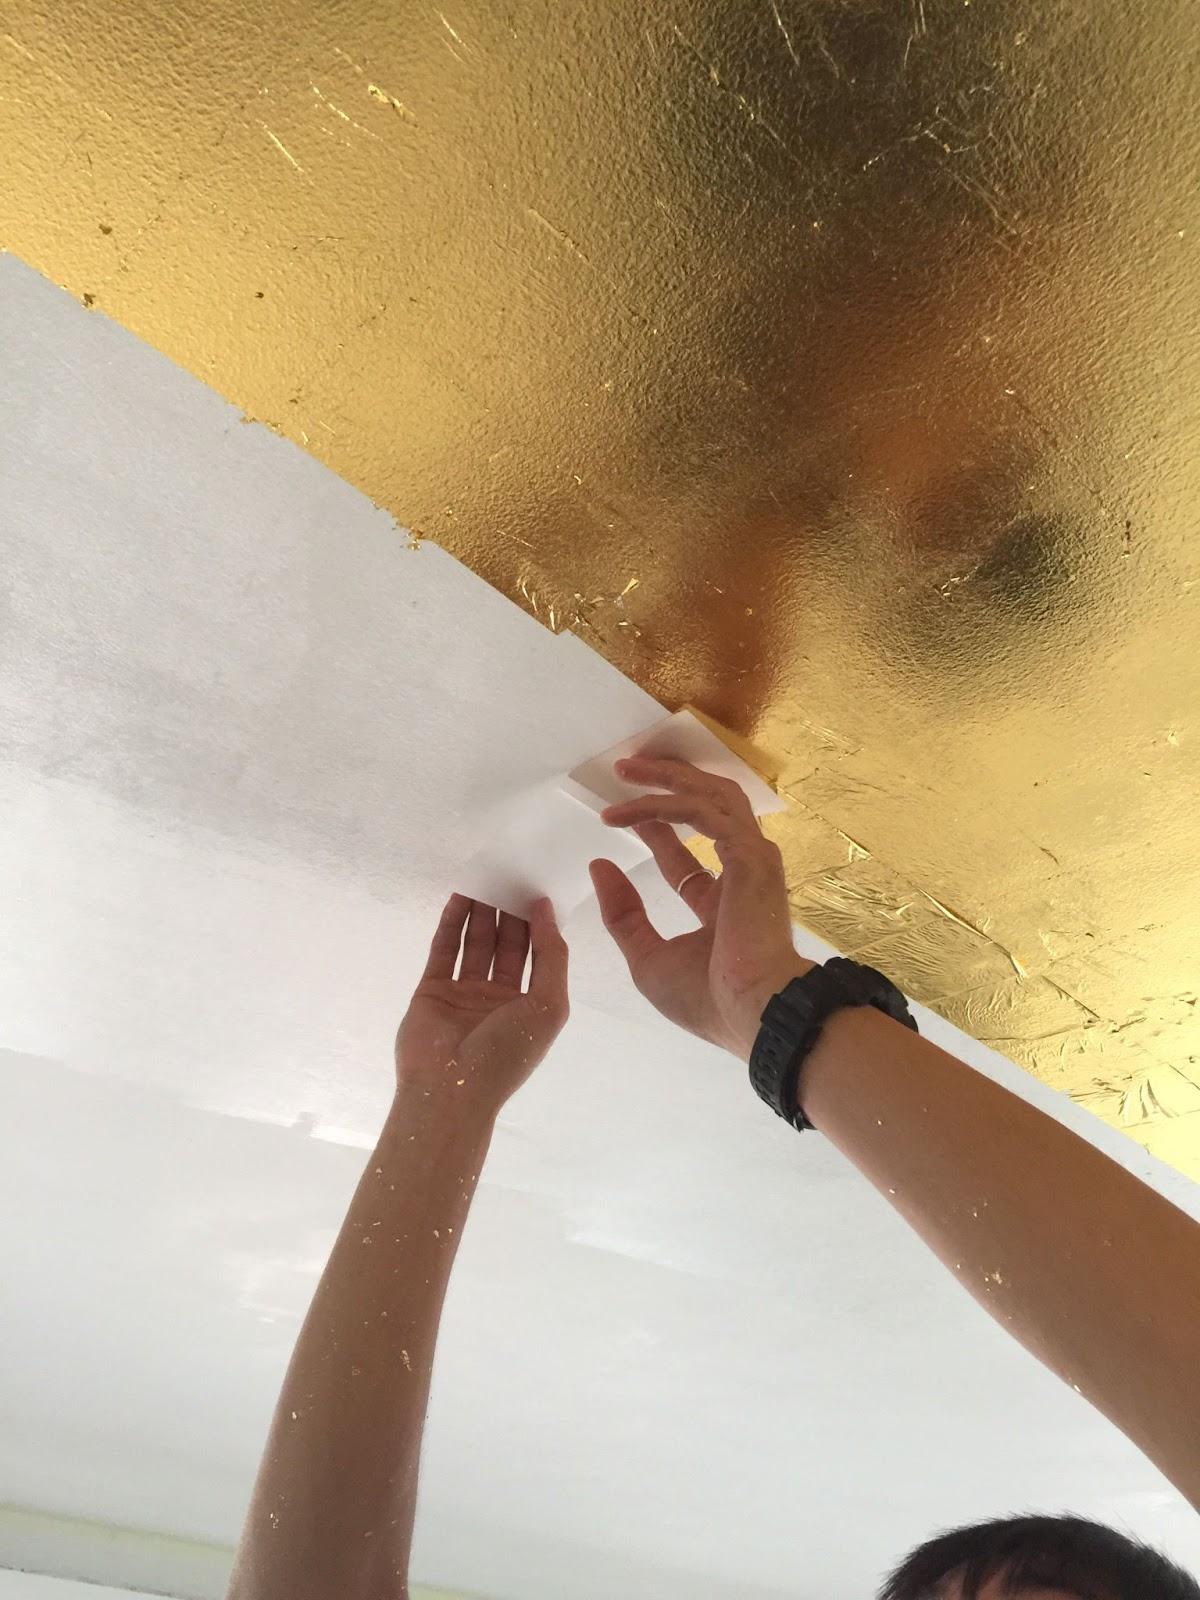 Sơn hiệu ứng Waldo - Dát vàng lá - Đôi bàn tay khéo léo của người thợ tạo nên kiệt tác nghệ thuật dát vàng lá sang trọng